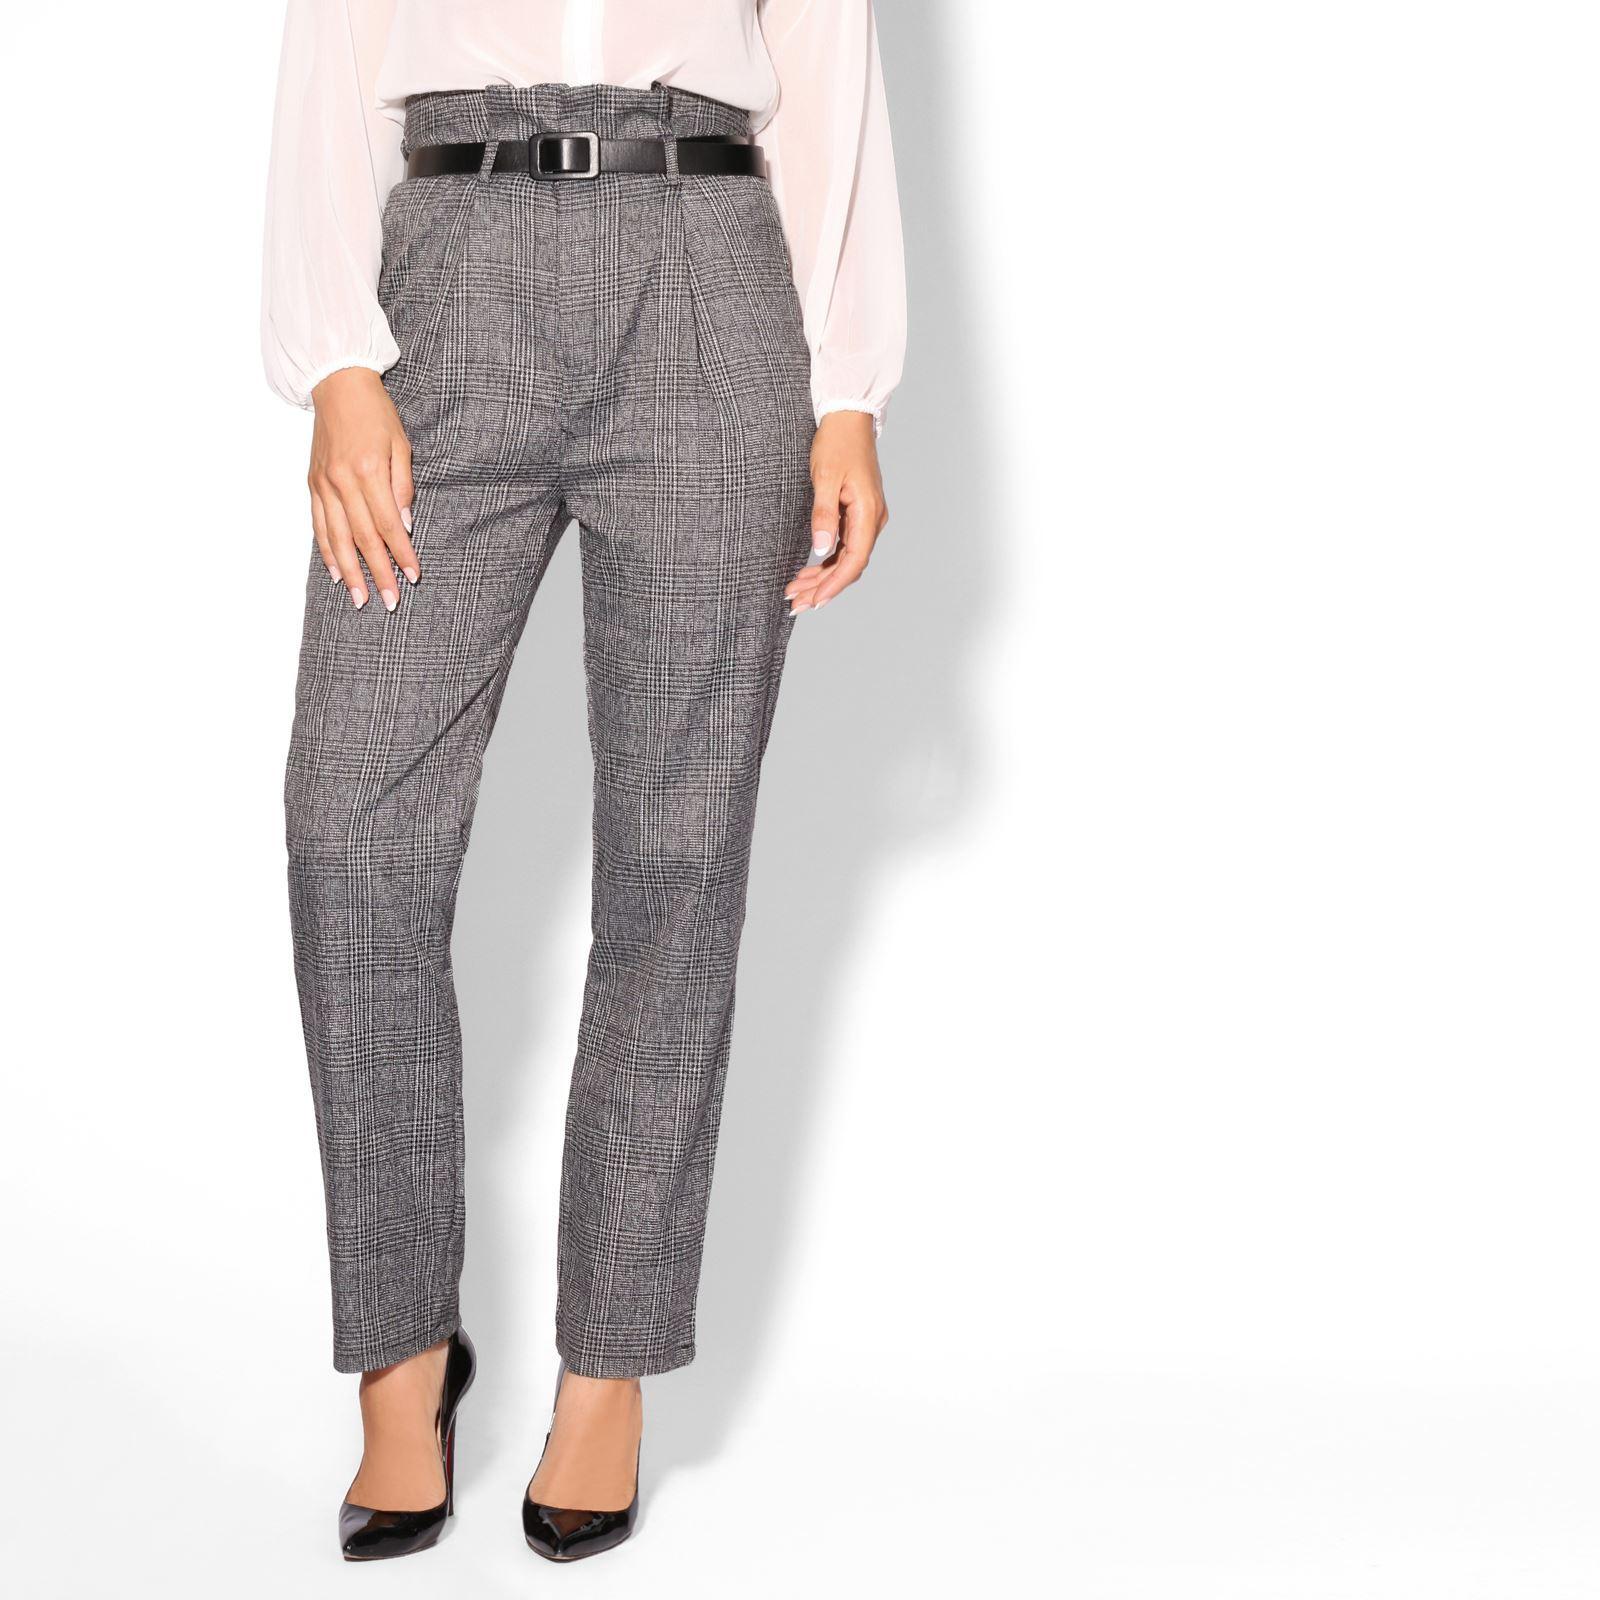 7d667f2e42cb Women Belted Paper Bag High Waist Tartan Check Cigarette Trousers Smart  Pants